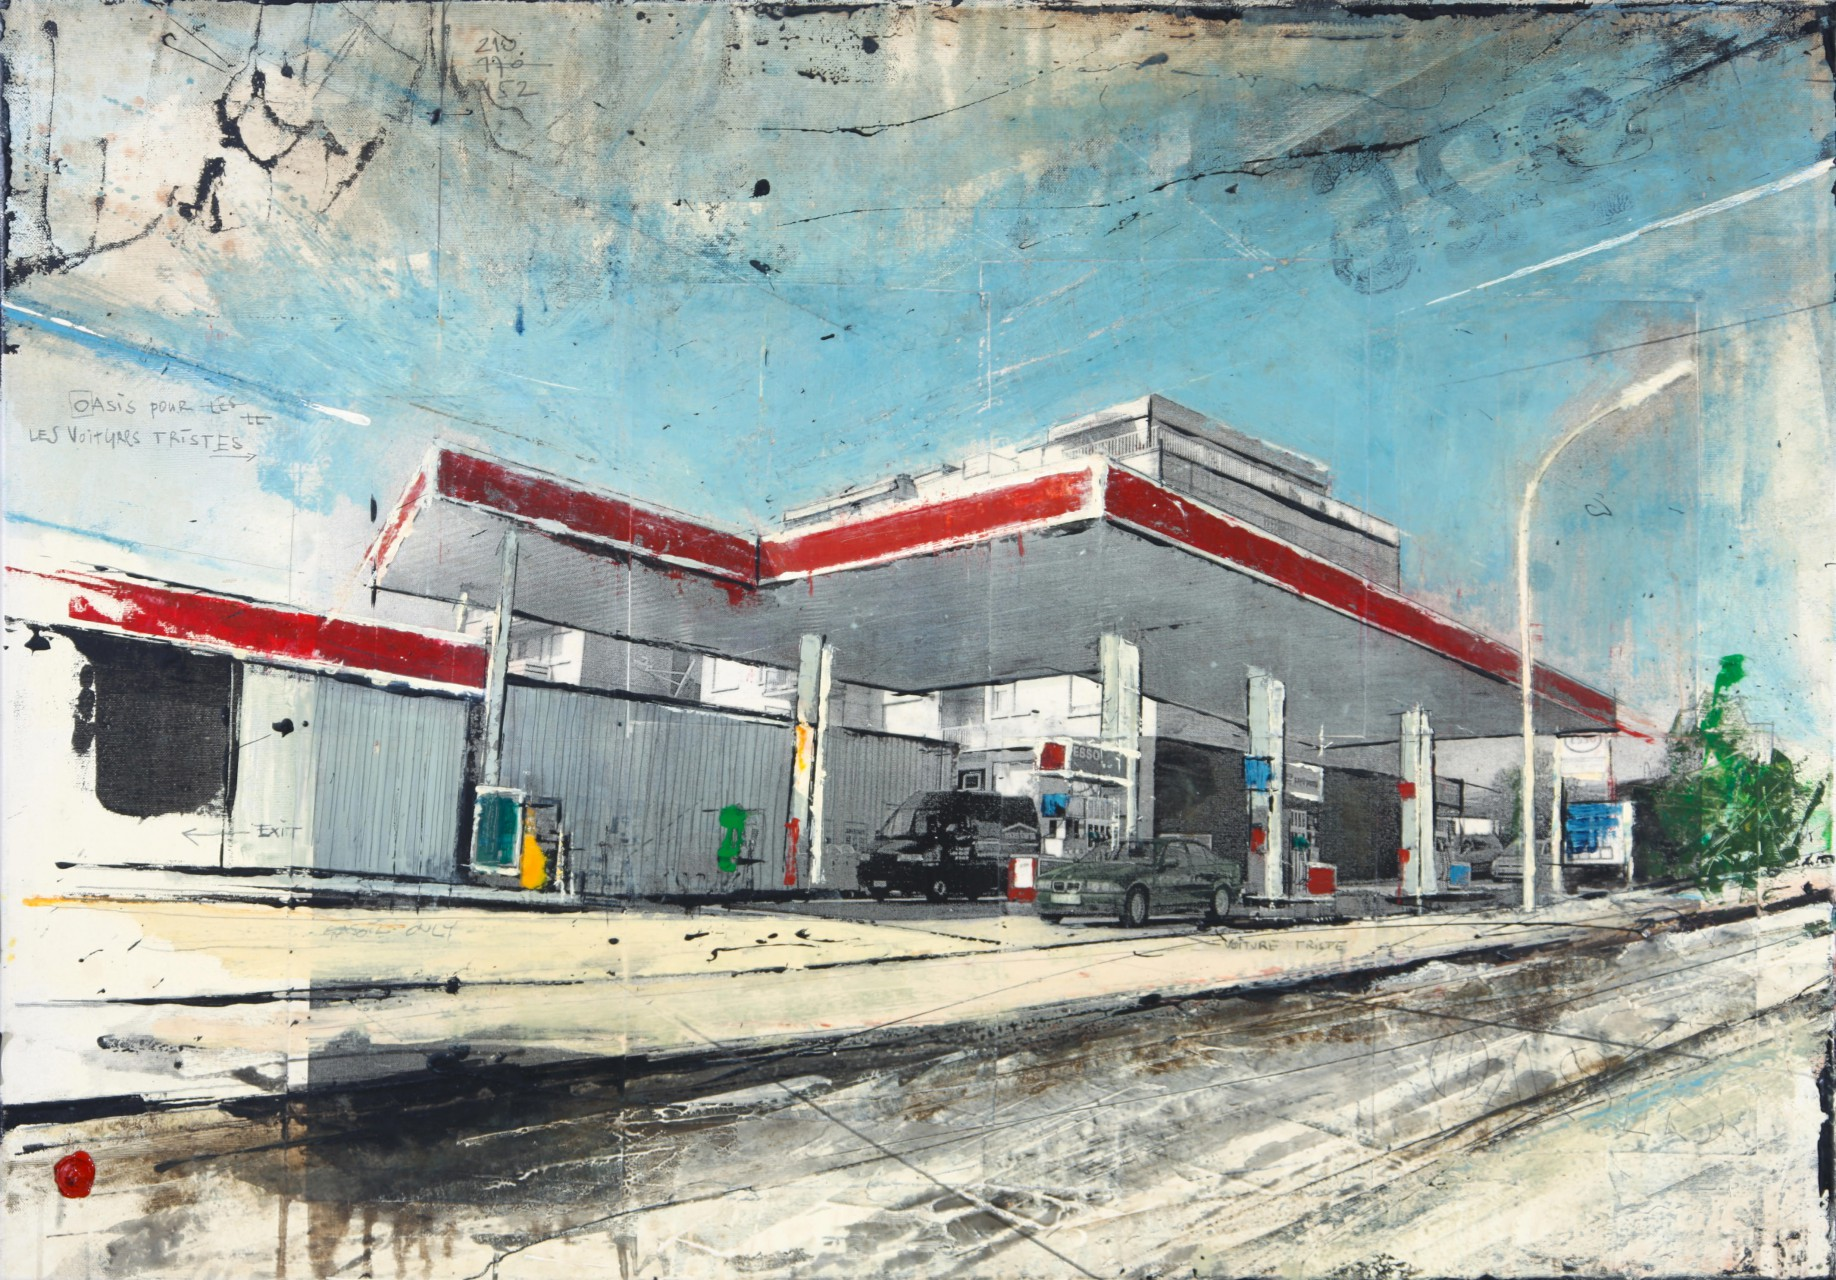 Oasis - Rémich (L) - collage photo, huile, acrylique sur toile - 70 x 100 cm - 2006